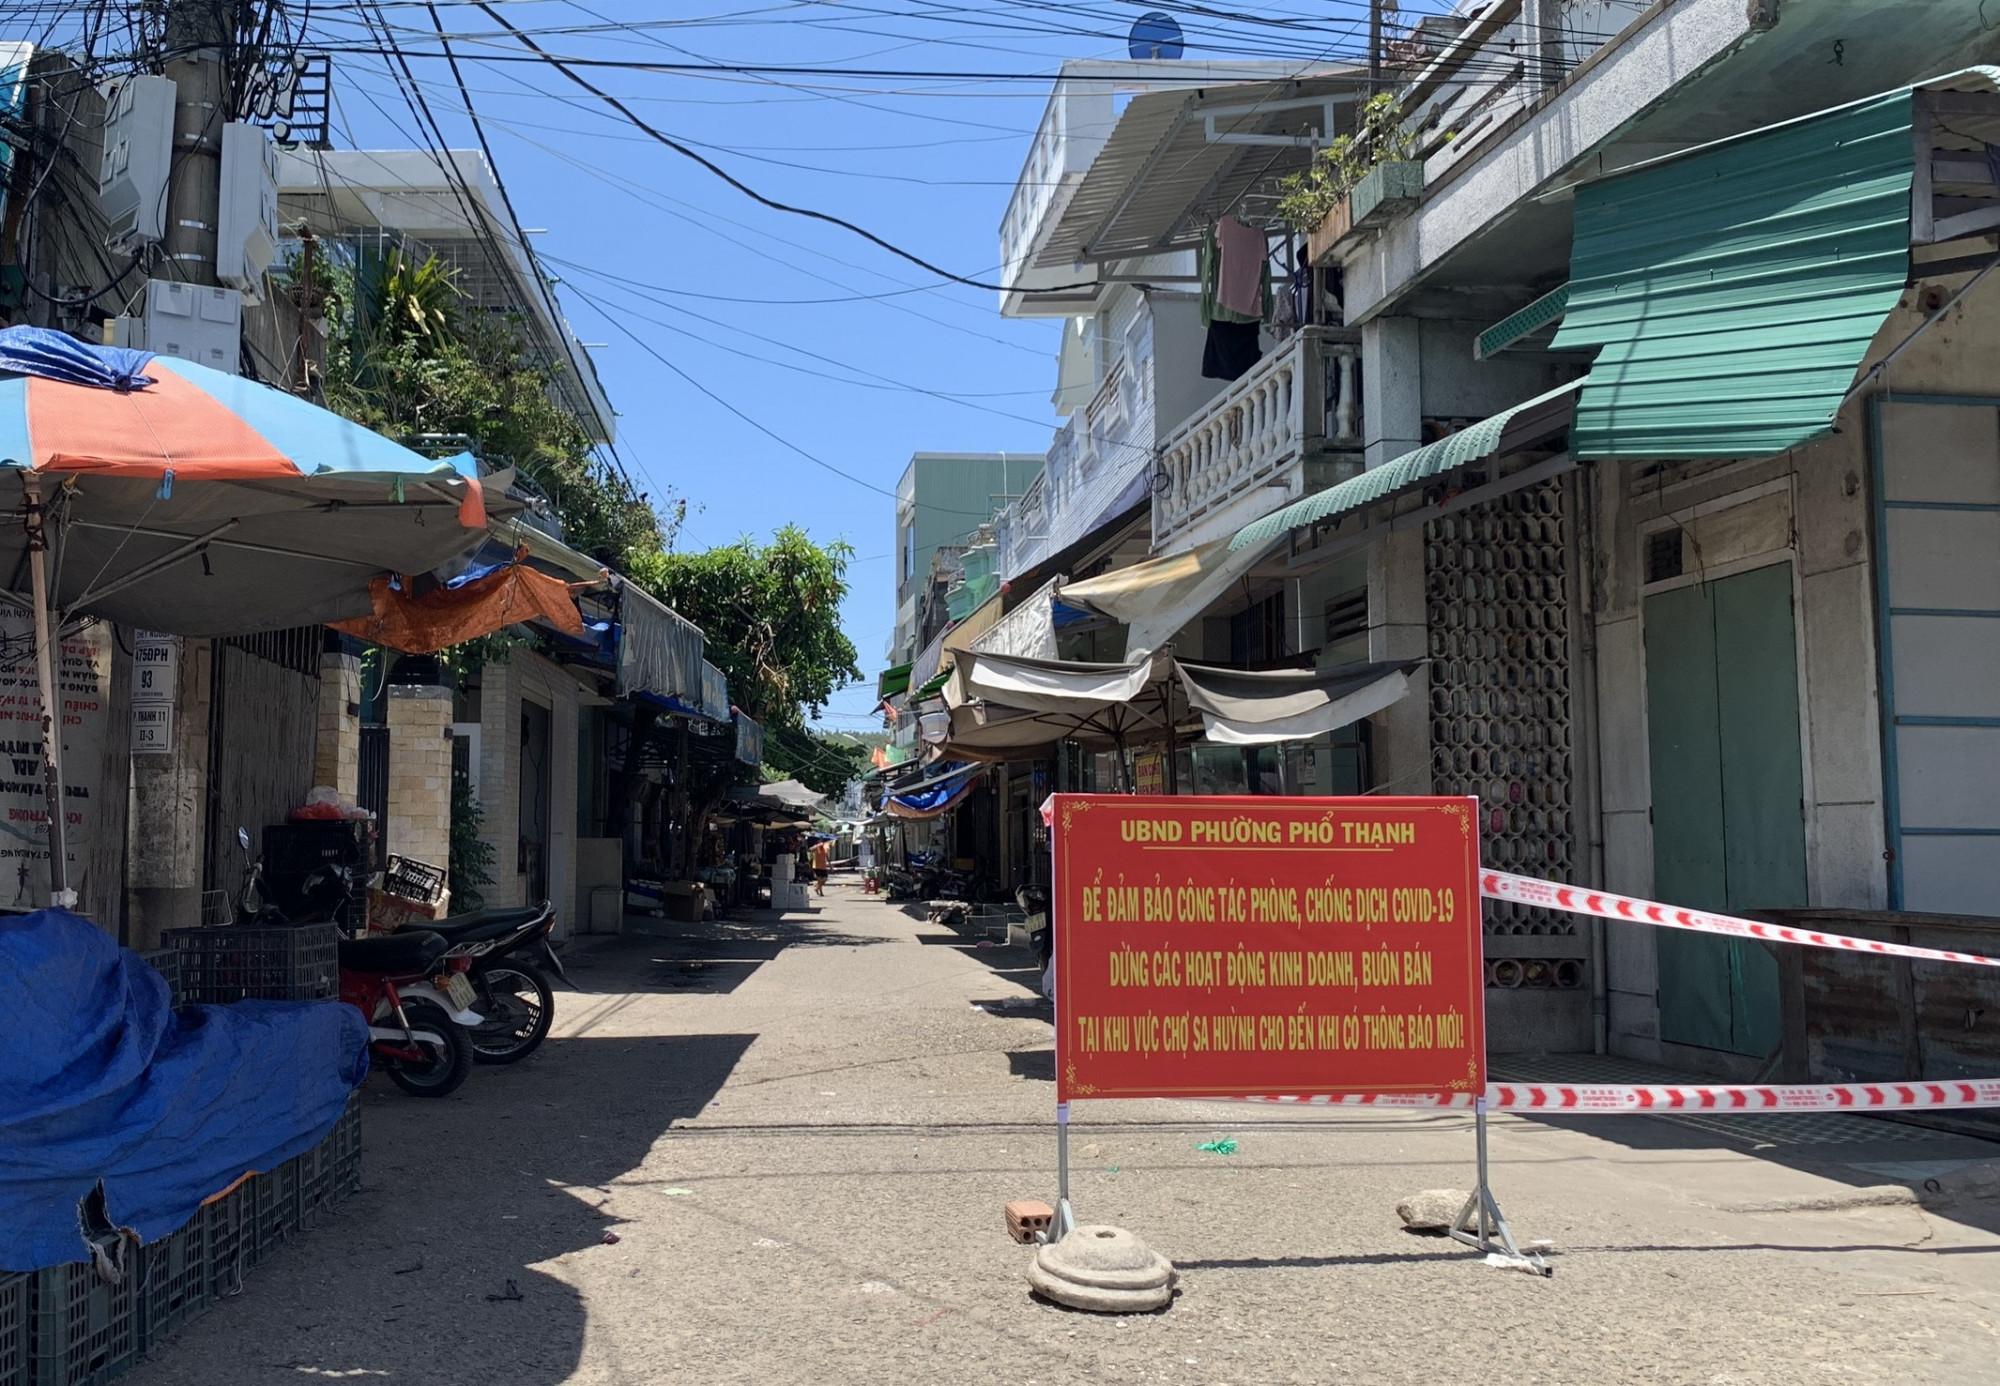 4 tổ dân phố: Thạch By 1, Thạch By 2, La Vân, Thạnh Đức 2  gần 12.000 dân thuộc phường Phổ Thạnh không ra khỏi nhà từ 18g đến 6g hôm sau